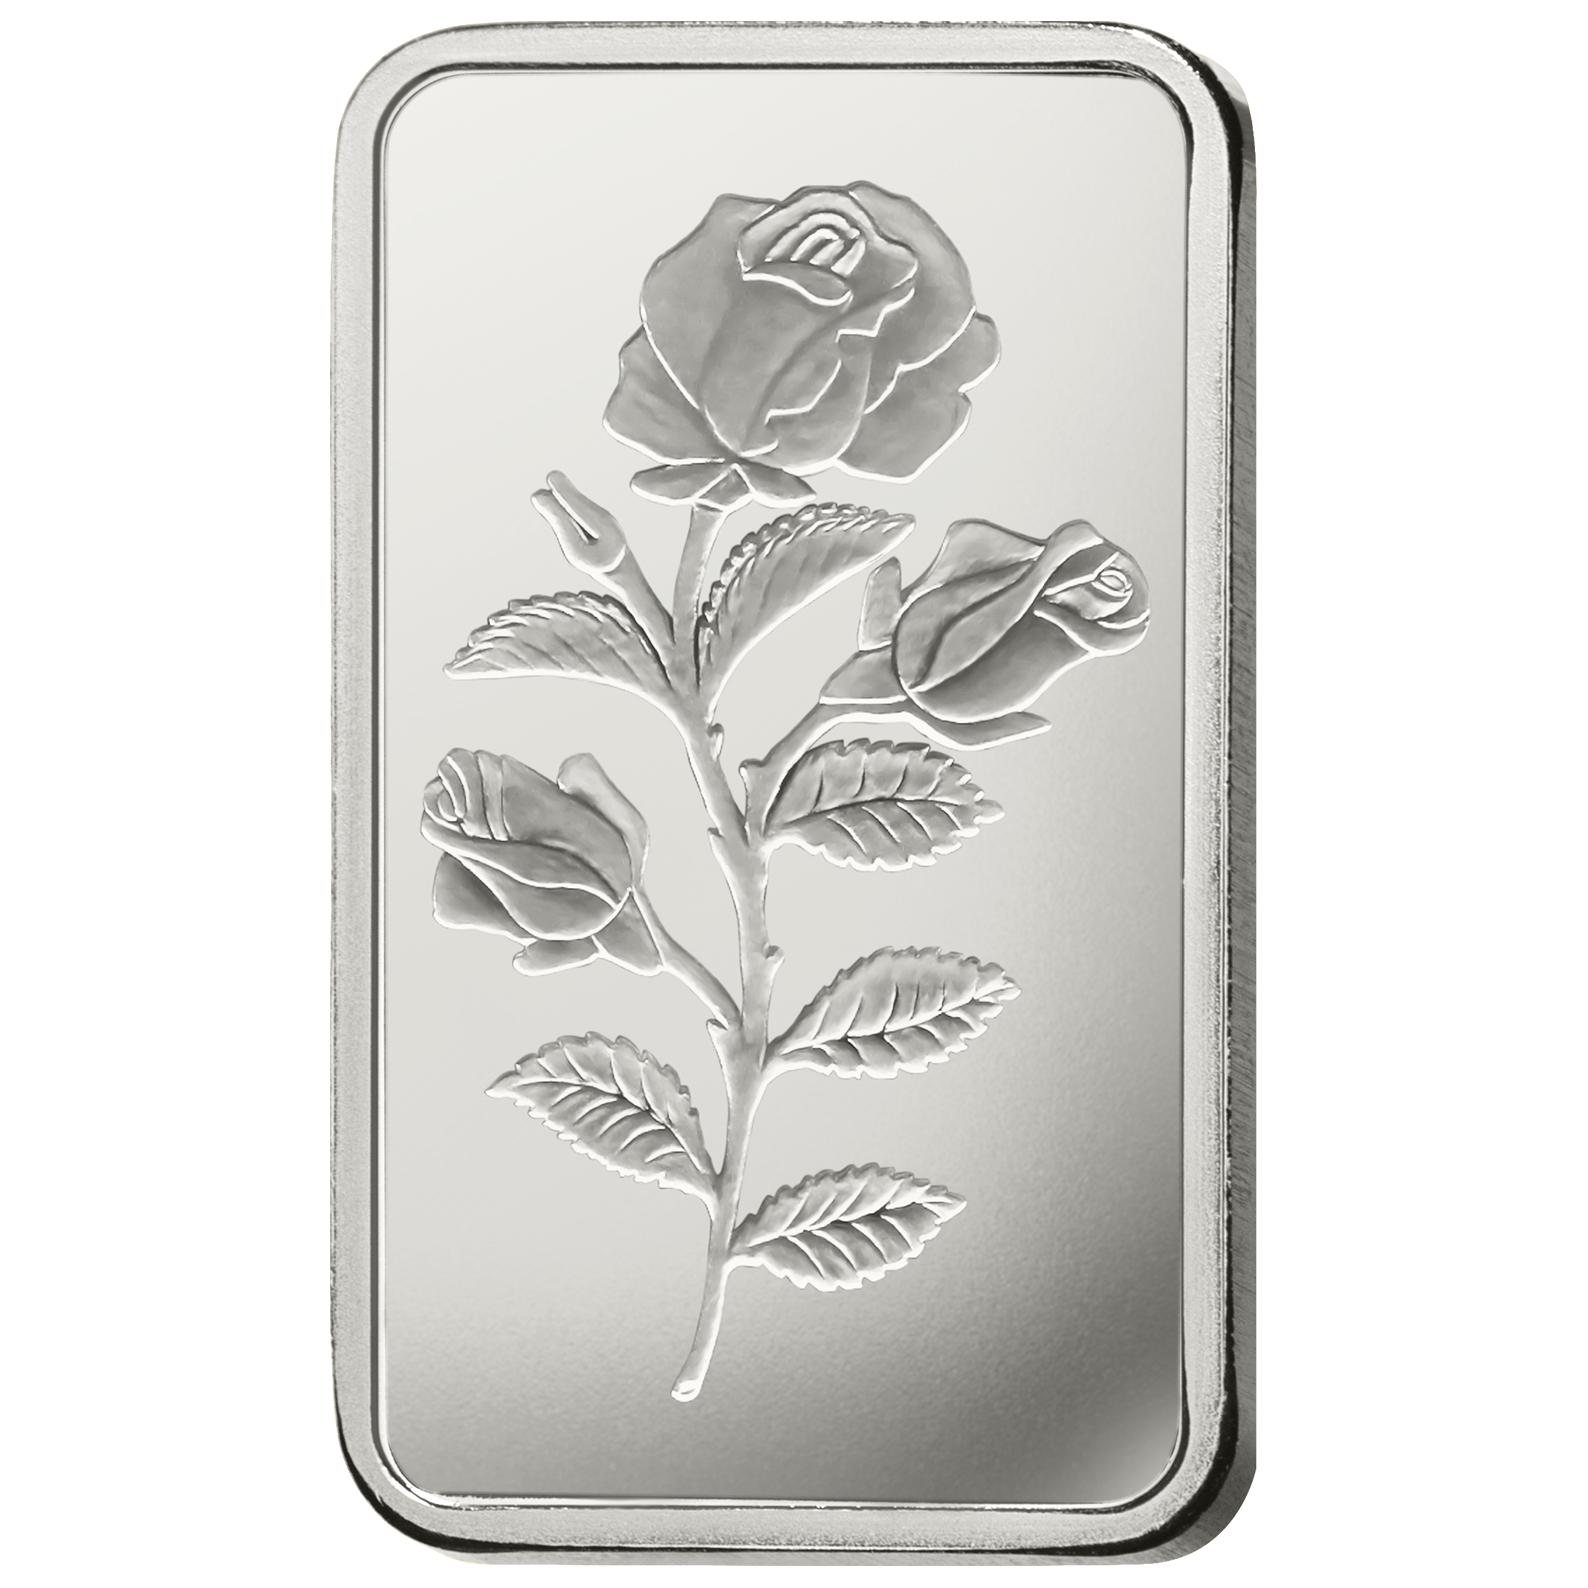 5 grammes lingotin d'argent - PAMP Suisse Rosa